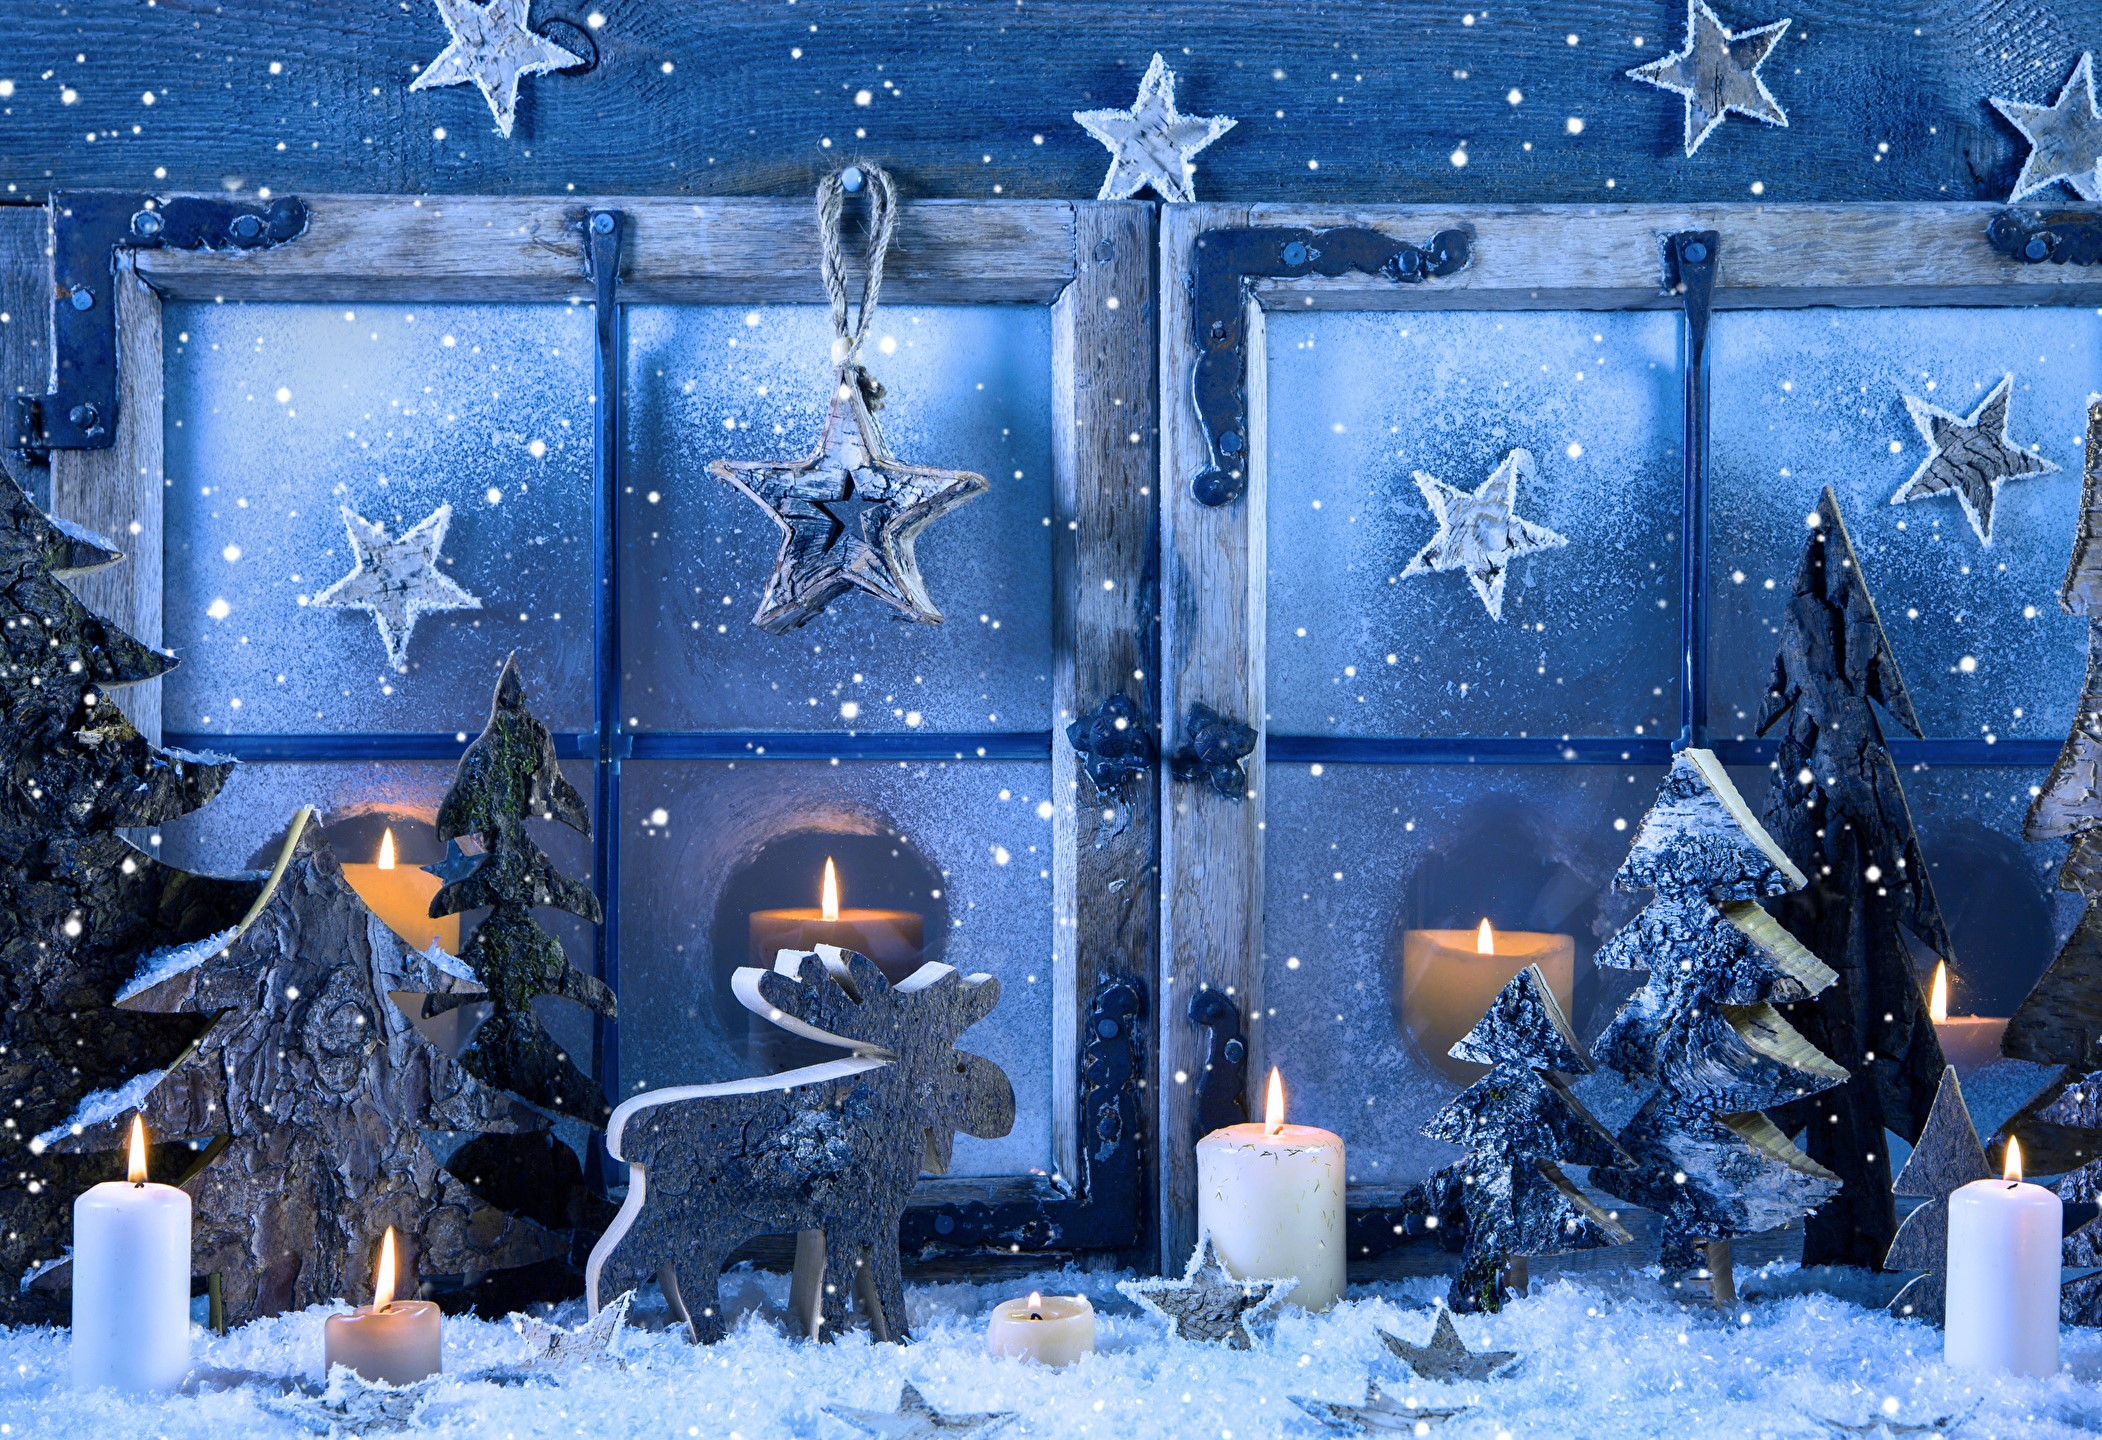 Lielais Ziemassvētku Gadatirgus Daugavpilī